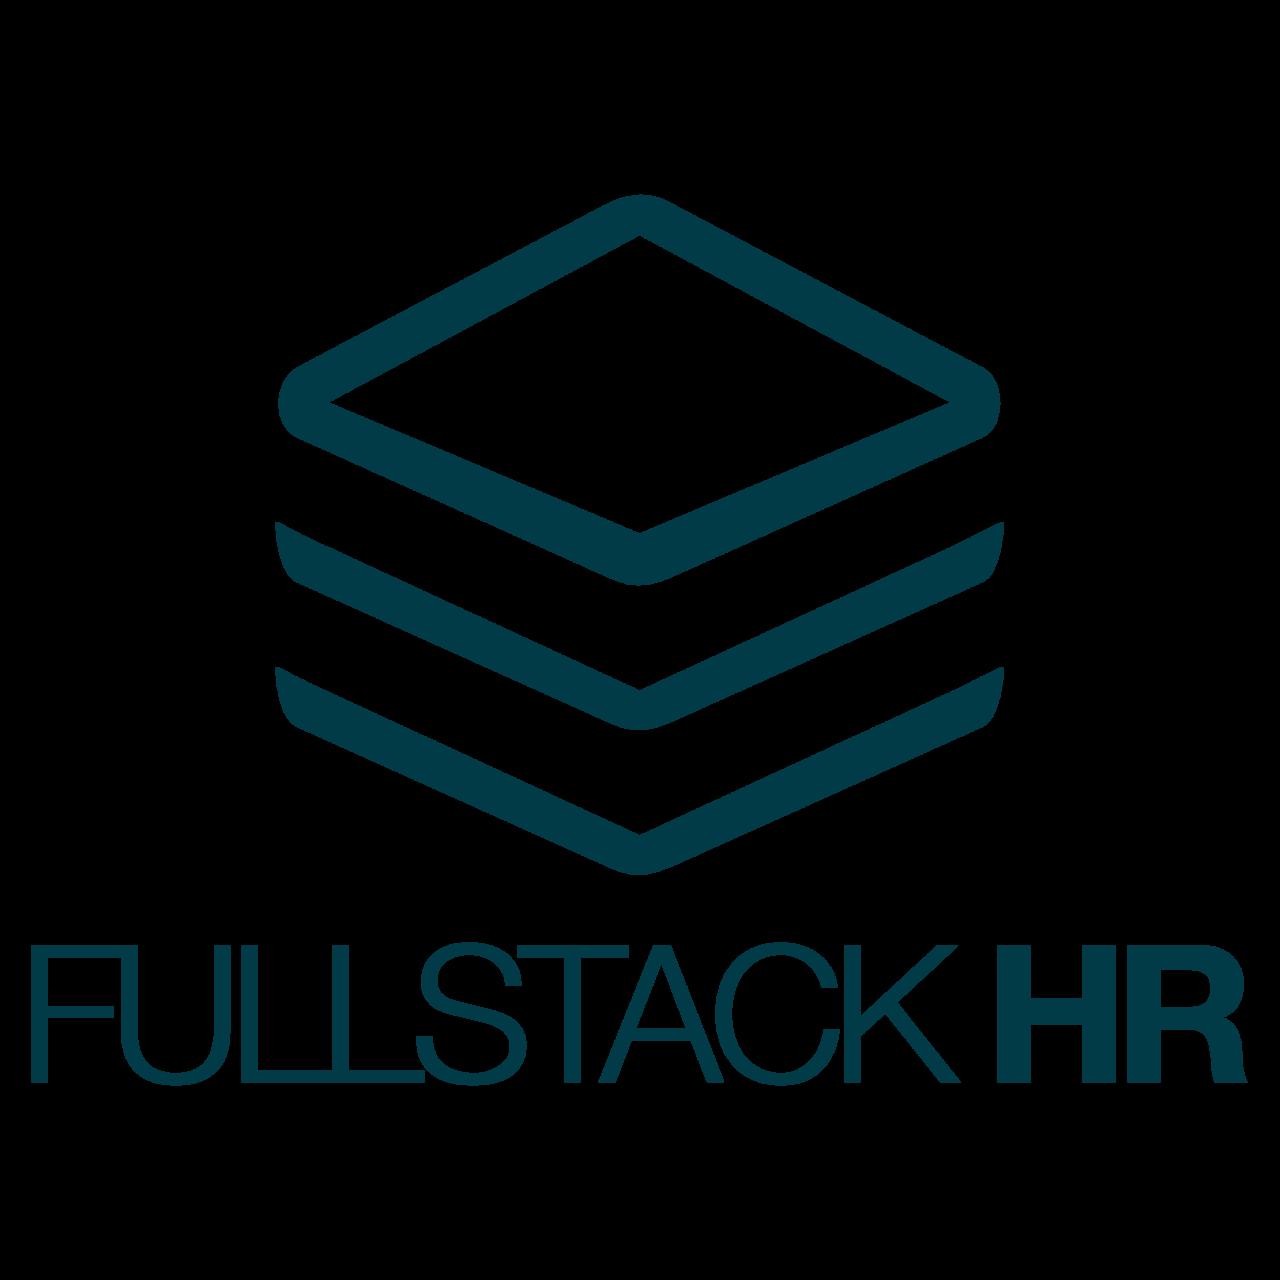 FullStack HR